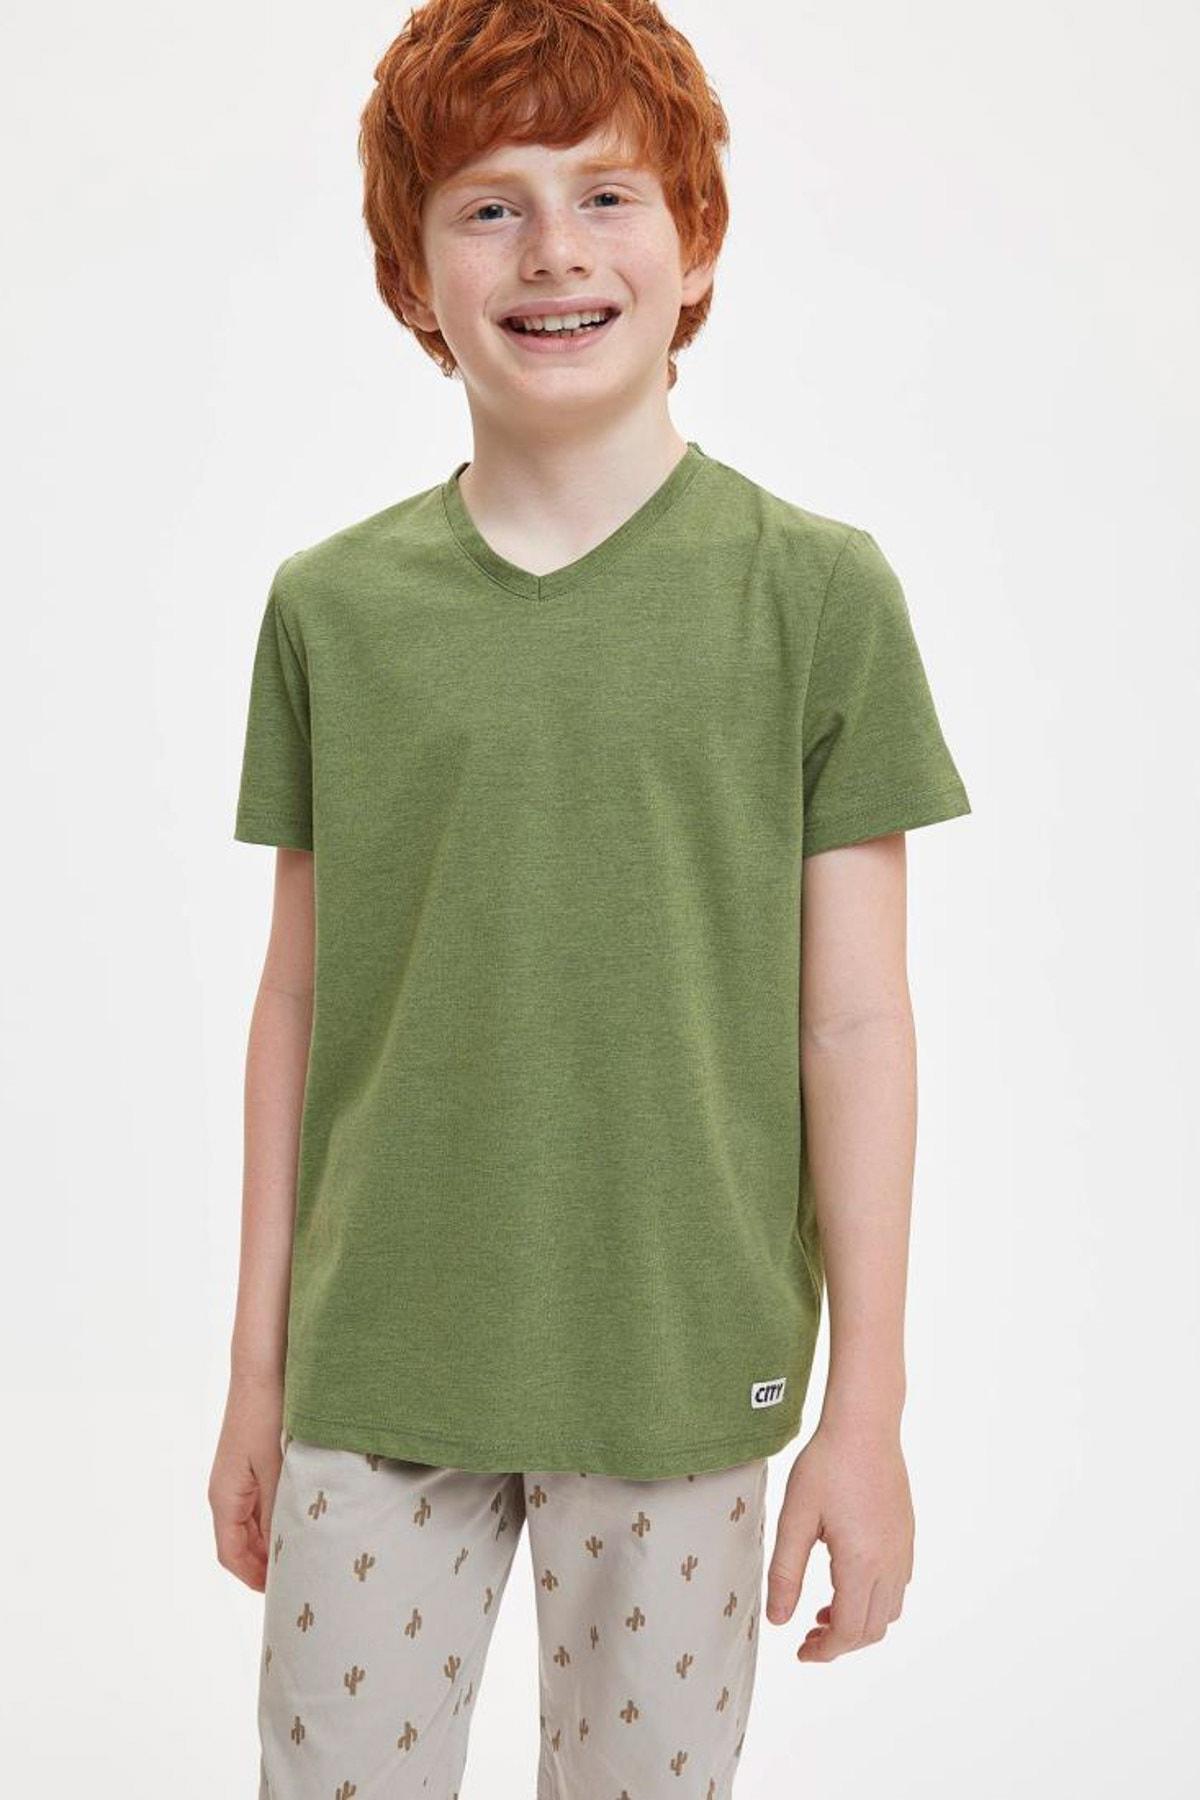 Erkek Çocuk Regular Fit V Yaka Cepsiz Tekli Kısa Kollu Kısa Kollu Tişört